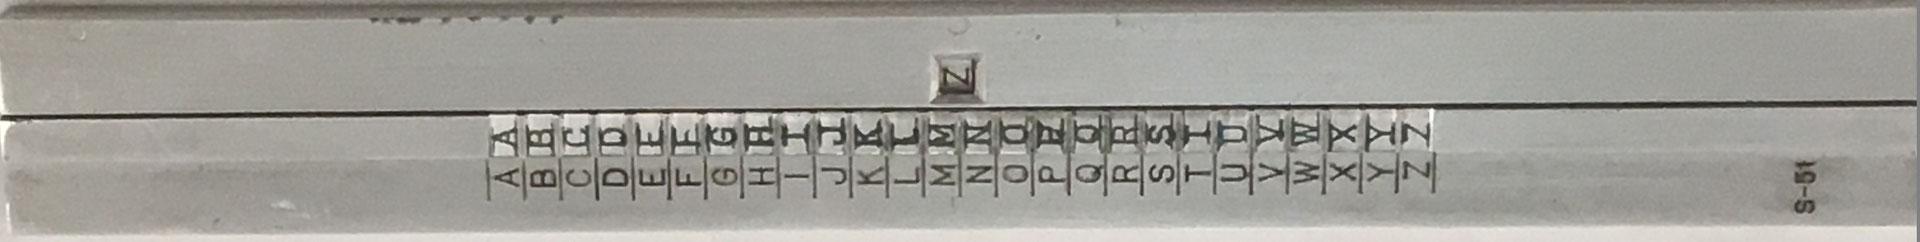 """Ejemplar del """"Cuadro Tipo S-51"""" del ejército español para cifrar y descifrar mensajes, similar a una regla de cálculo, 26x3 cm"""